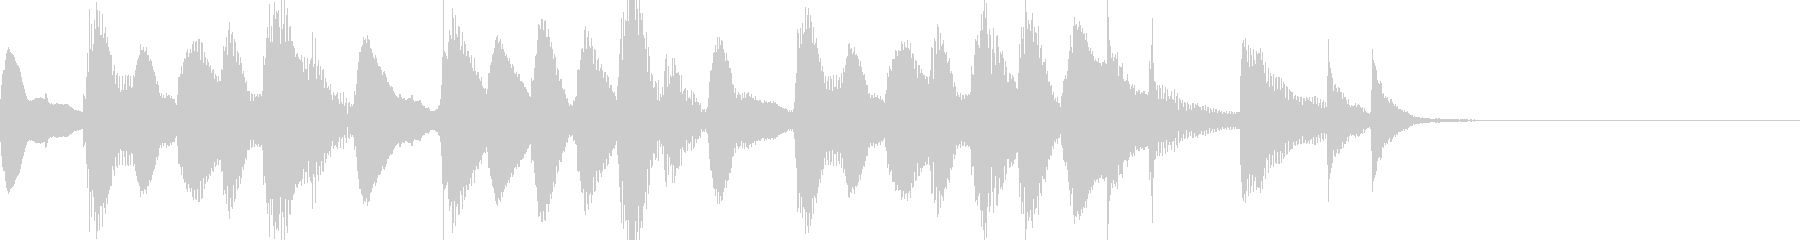 マリンバのジングル11の未再生の波形